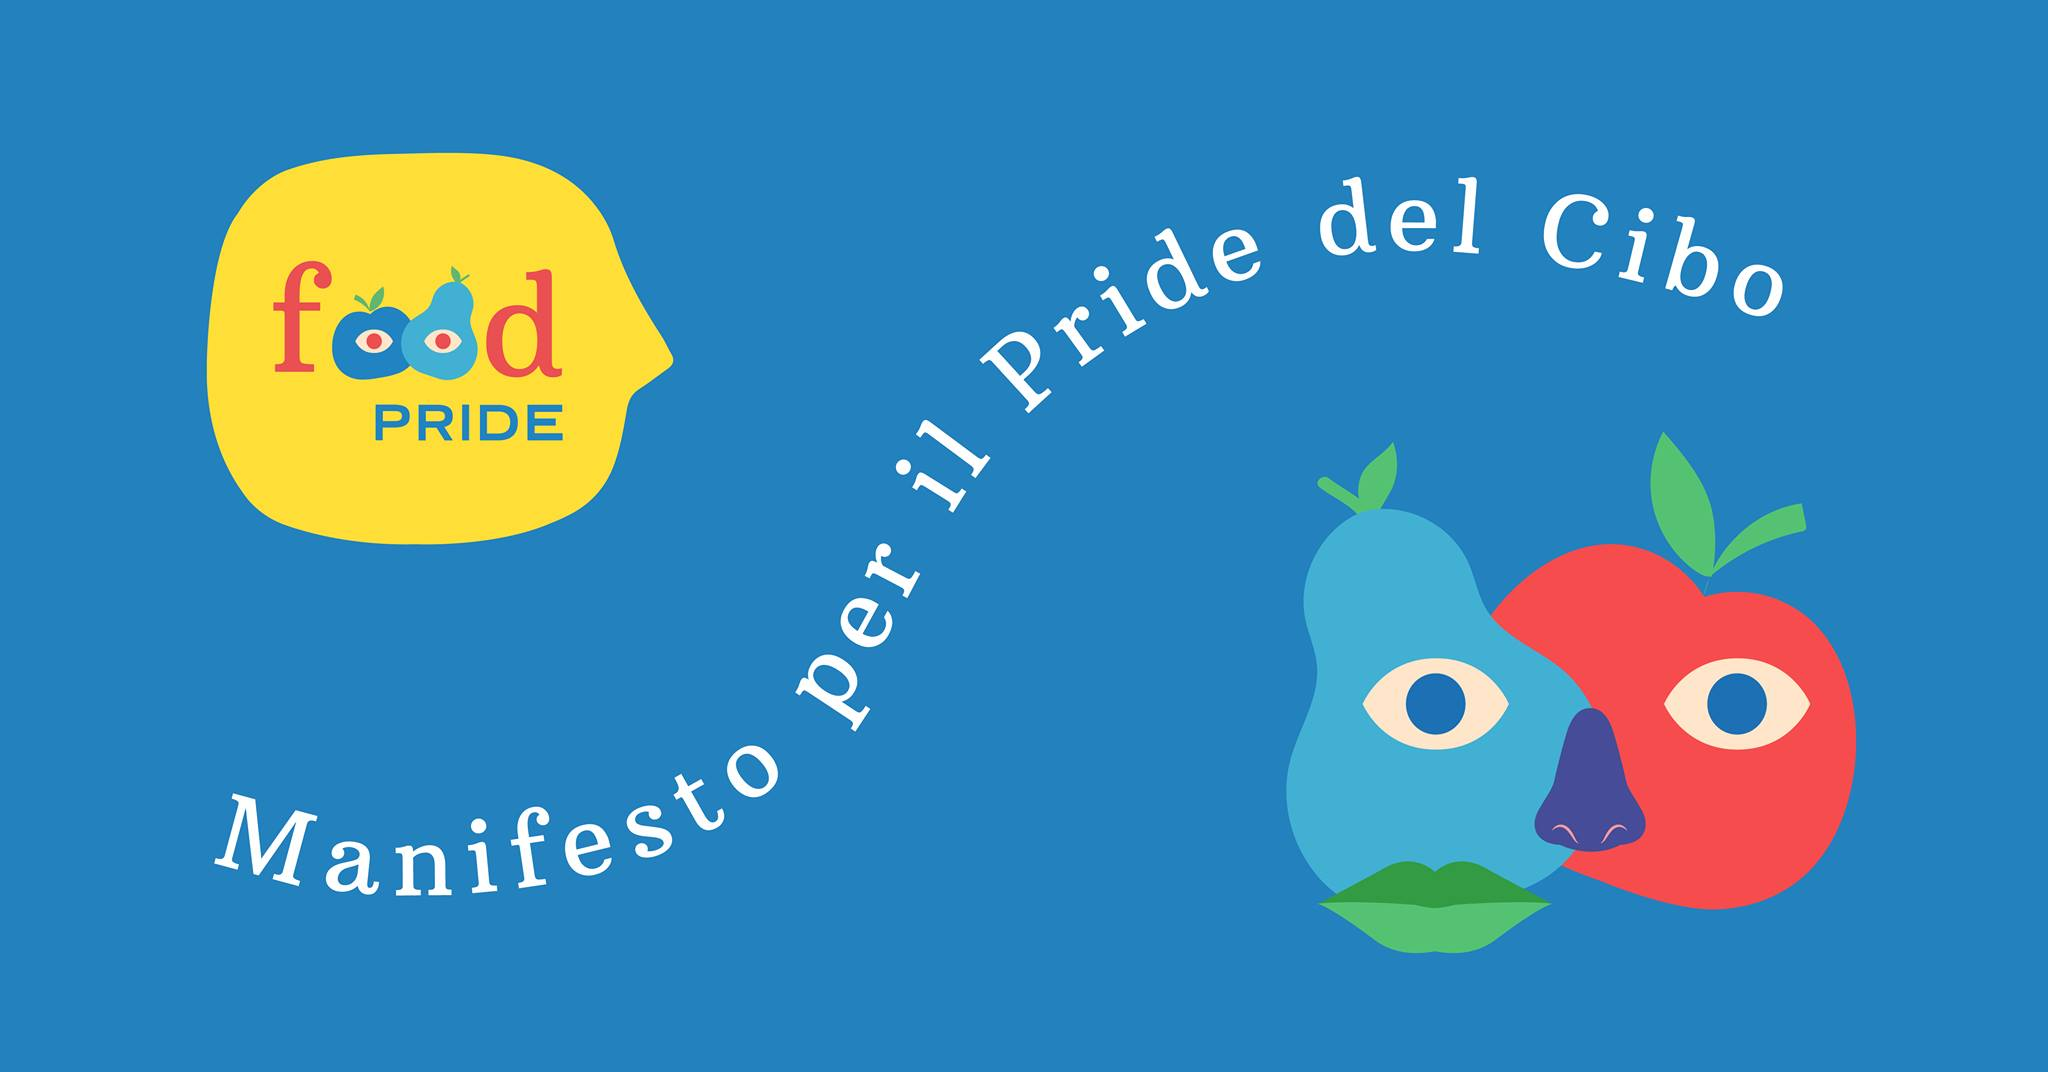 Manifesto del Food pride - Presentazione